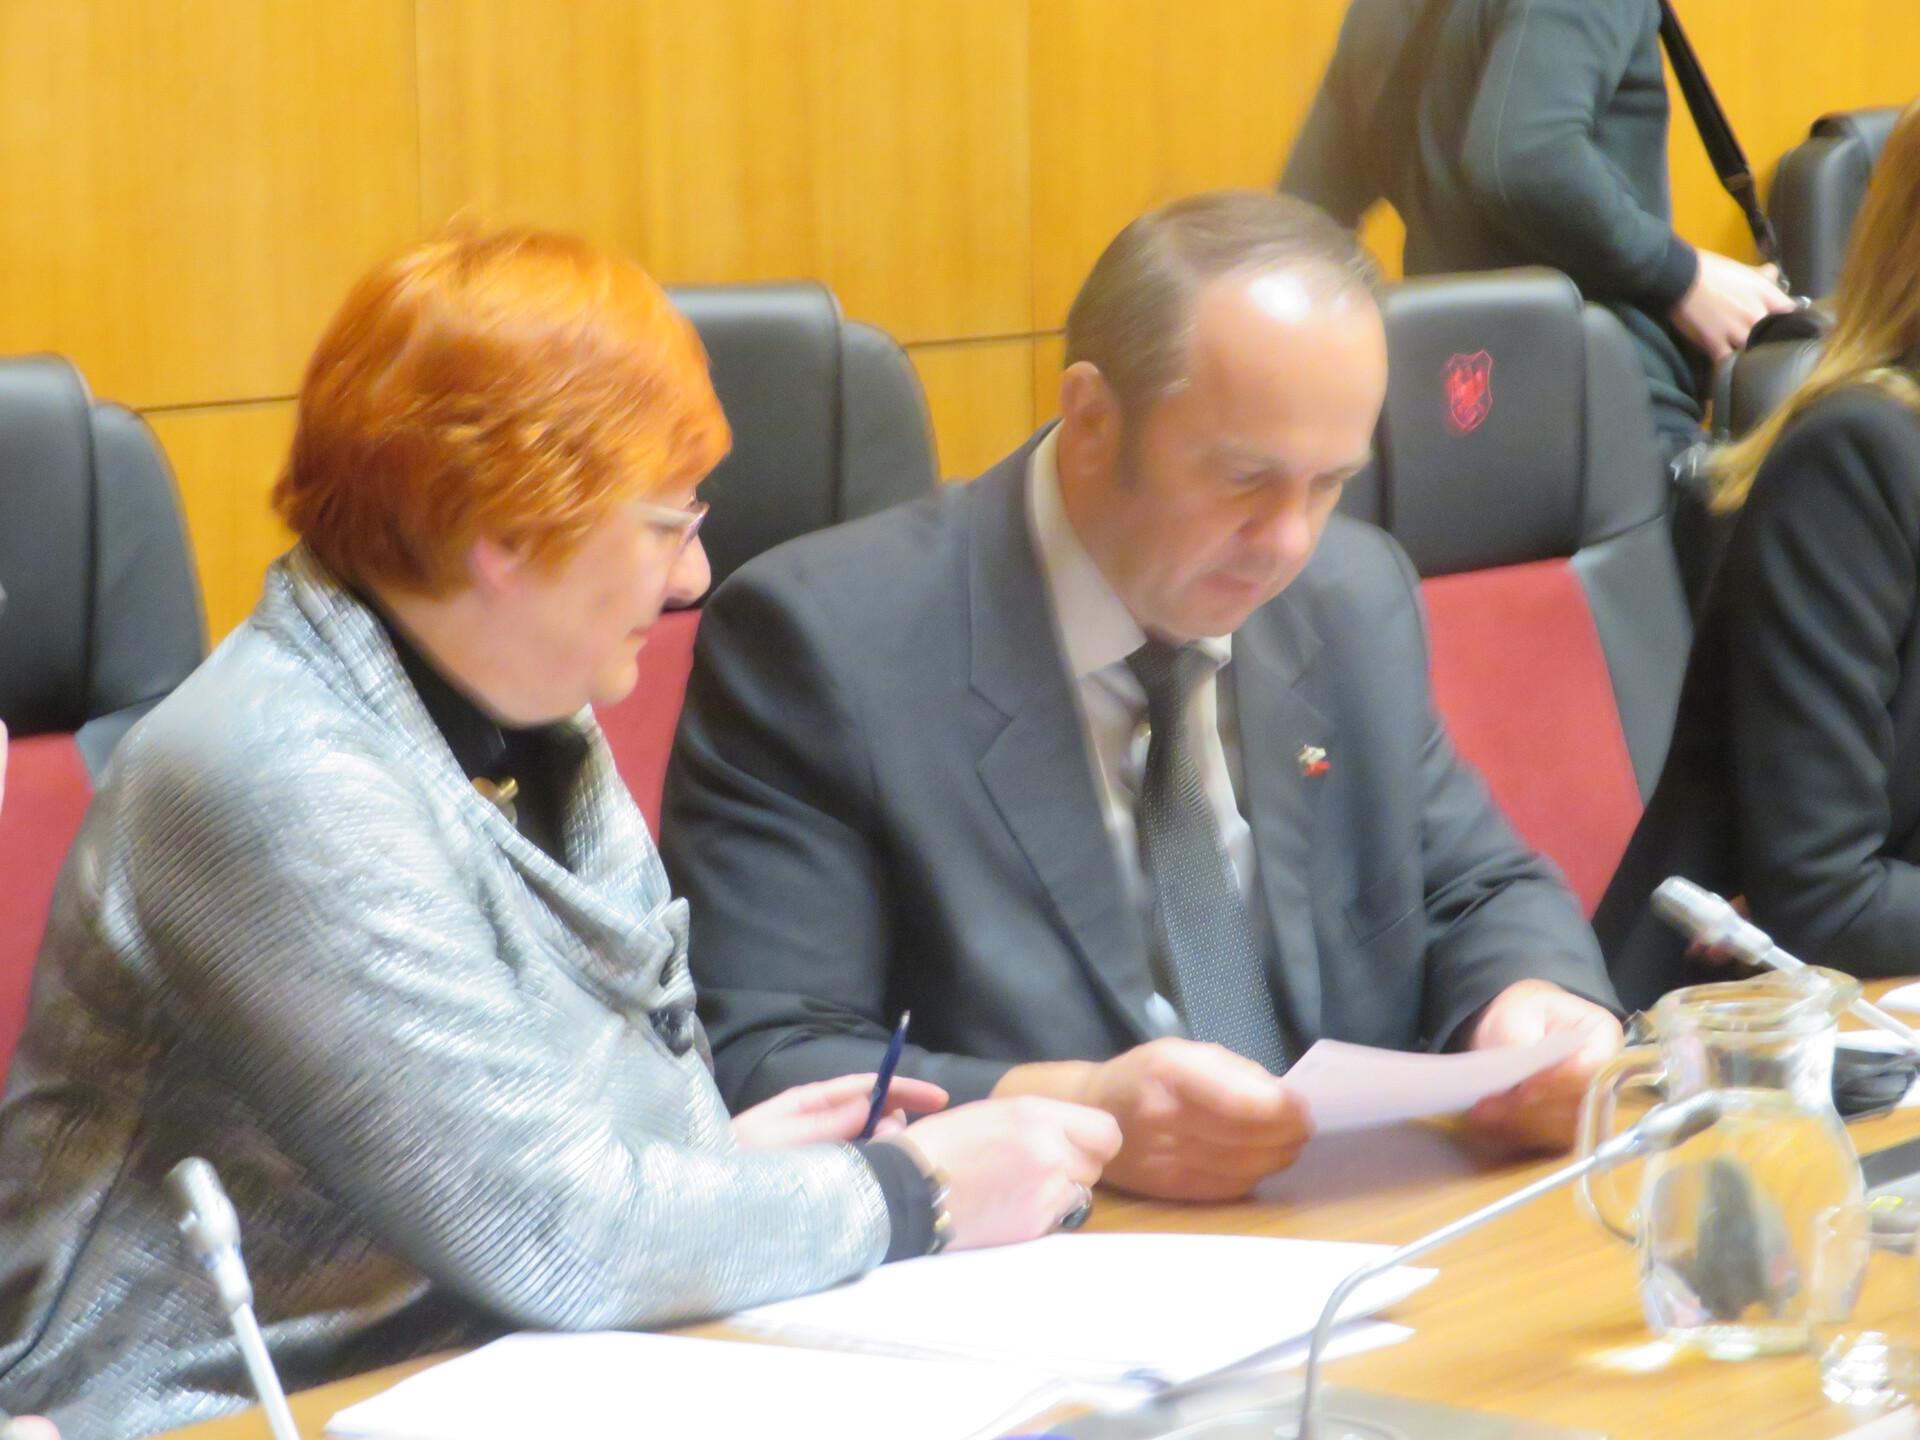 SDS ima v mestben svetu največje število svetnikov - 6. Saša Kristan sodi med najbolj izkušene člane sveta, Branko Grims pa se je podpisal pod predlog gradiva za obravnavo o prišlekih v Kranj.